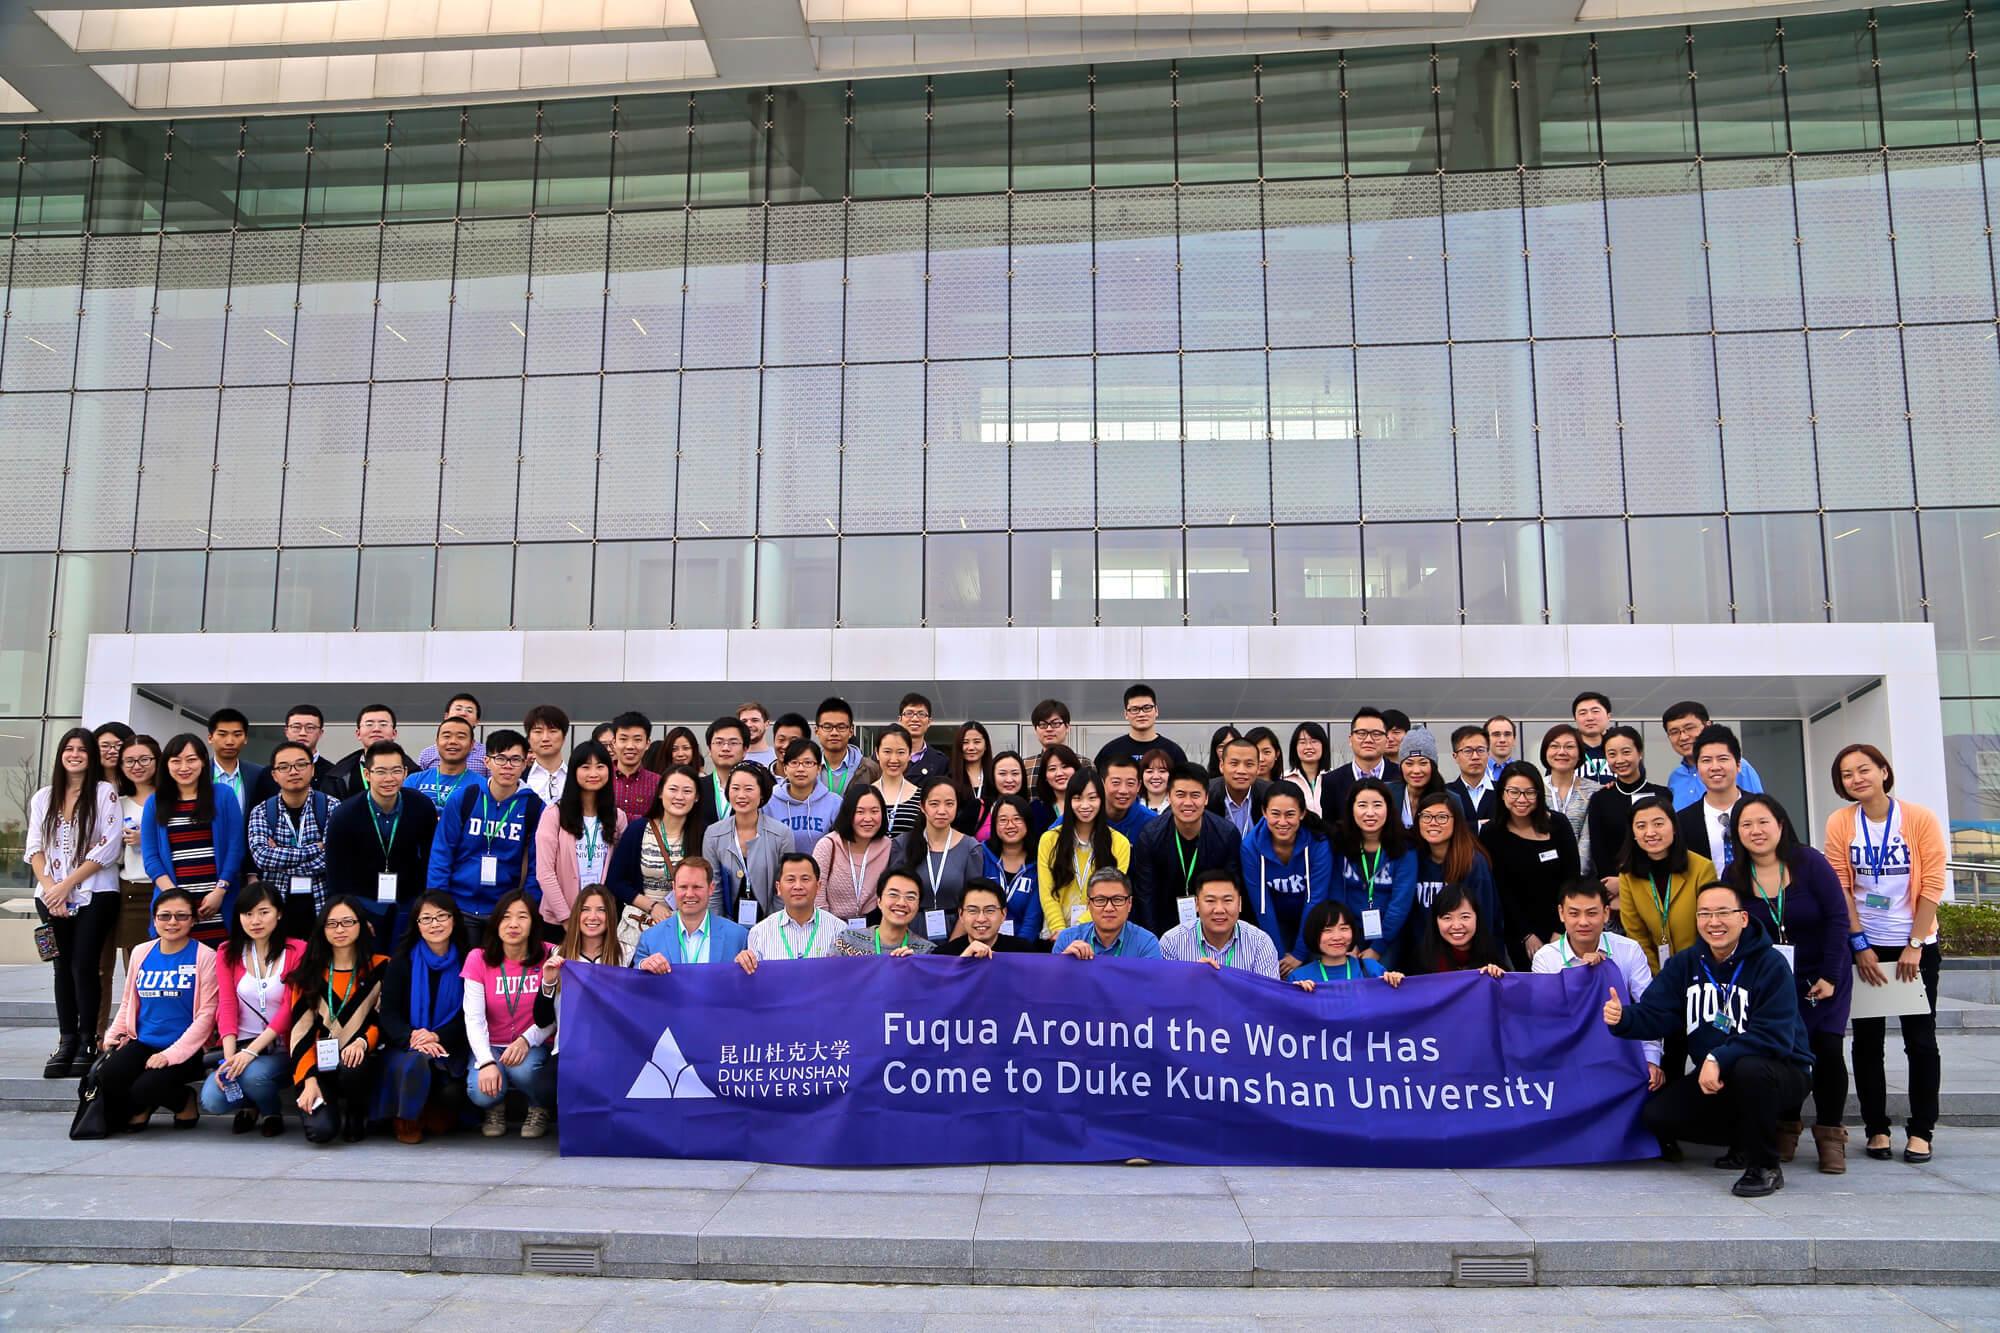 Fuqua Around the World 2015 at Duke Kunshan University